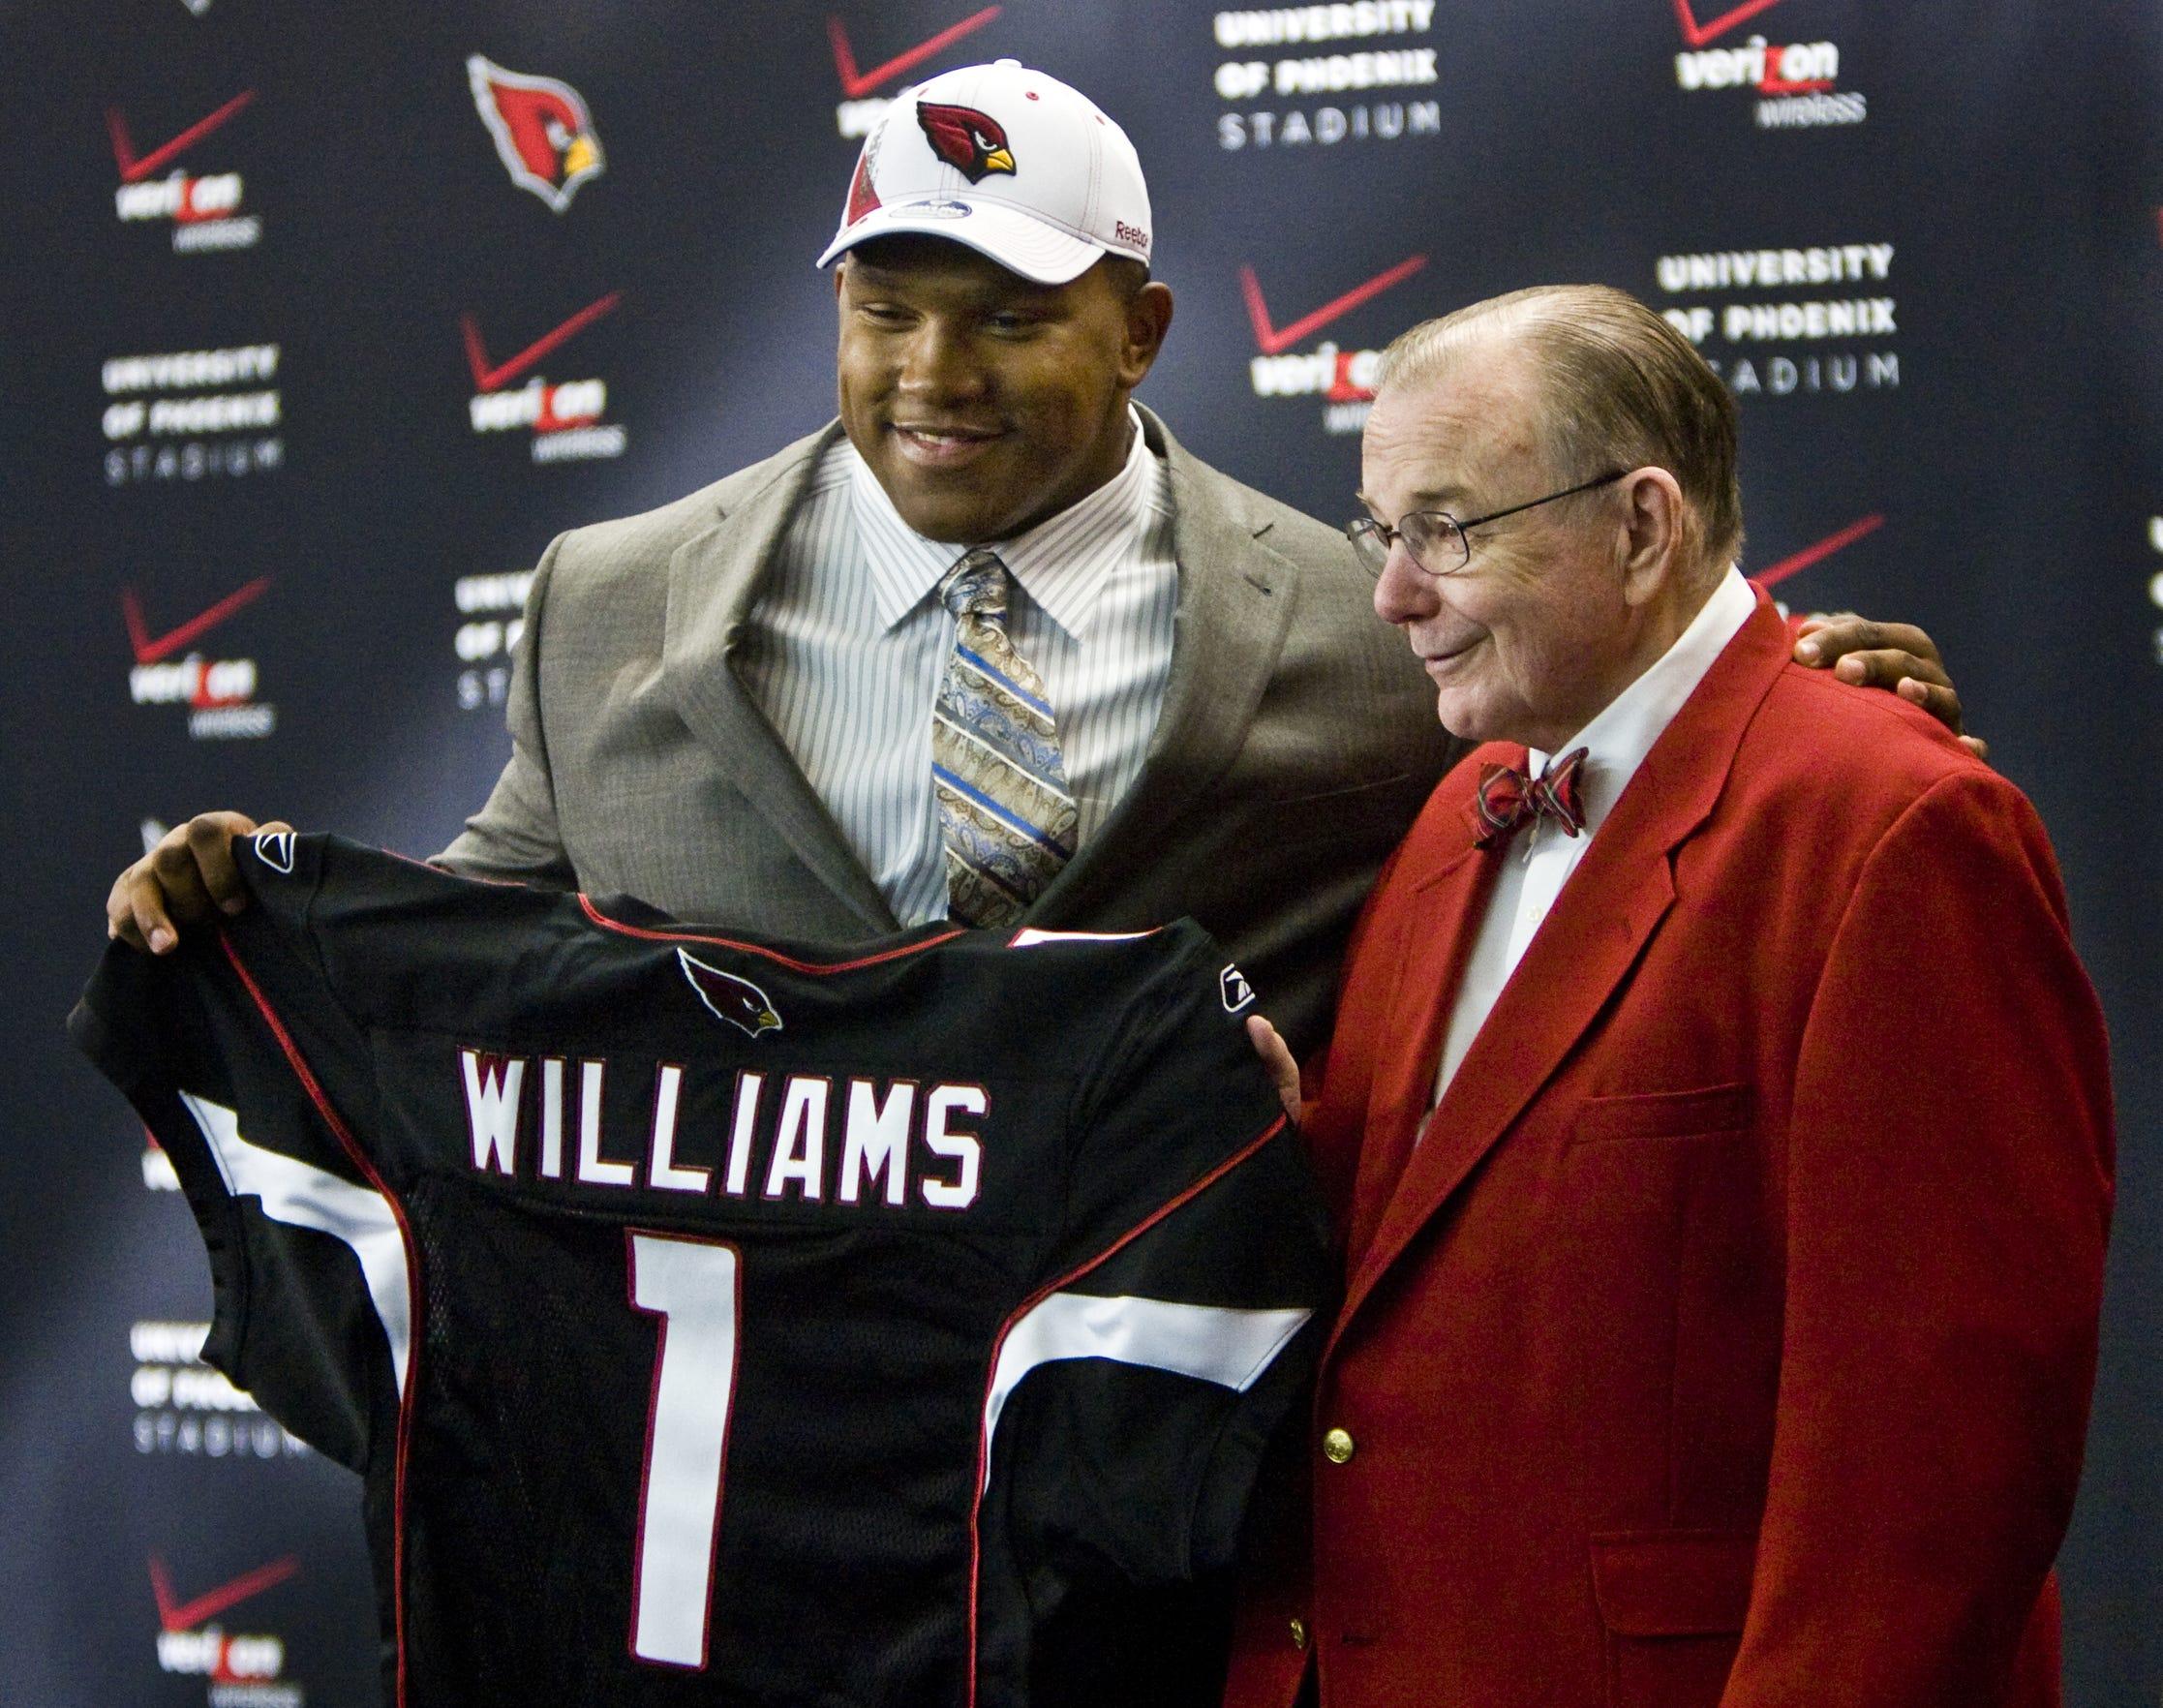 Bill Bidwill posa junto a Dan Williams, selección de primera ronda de Cardenales del draft del 2010.